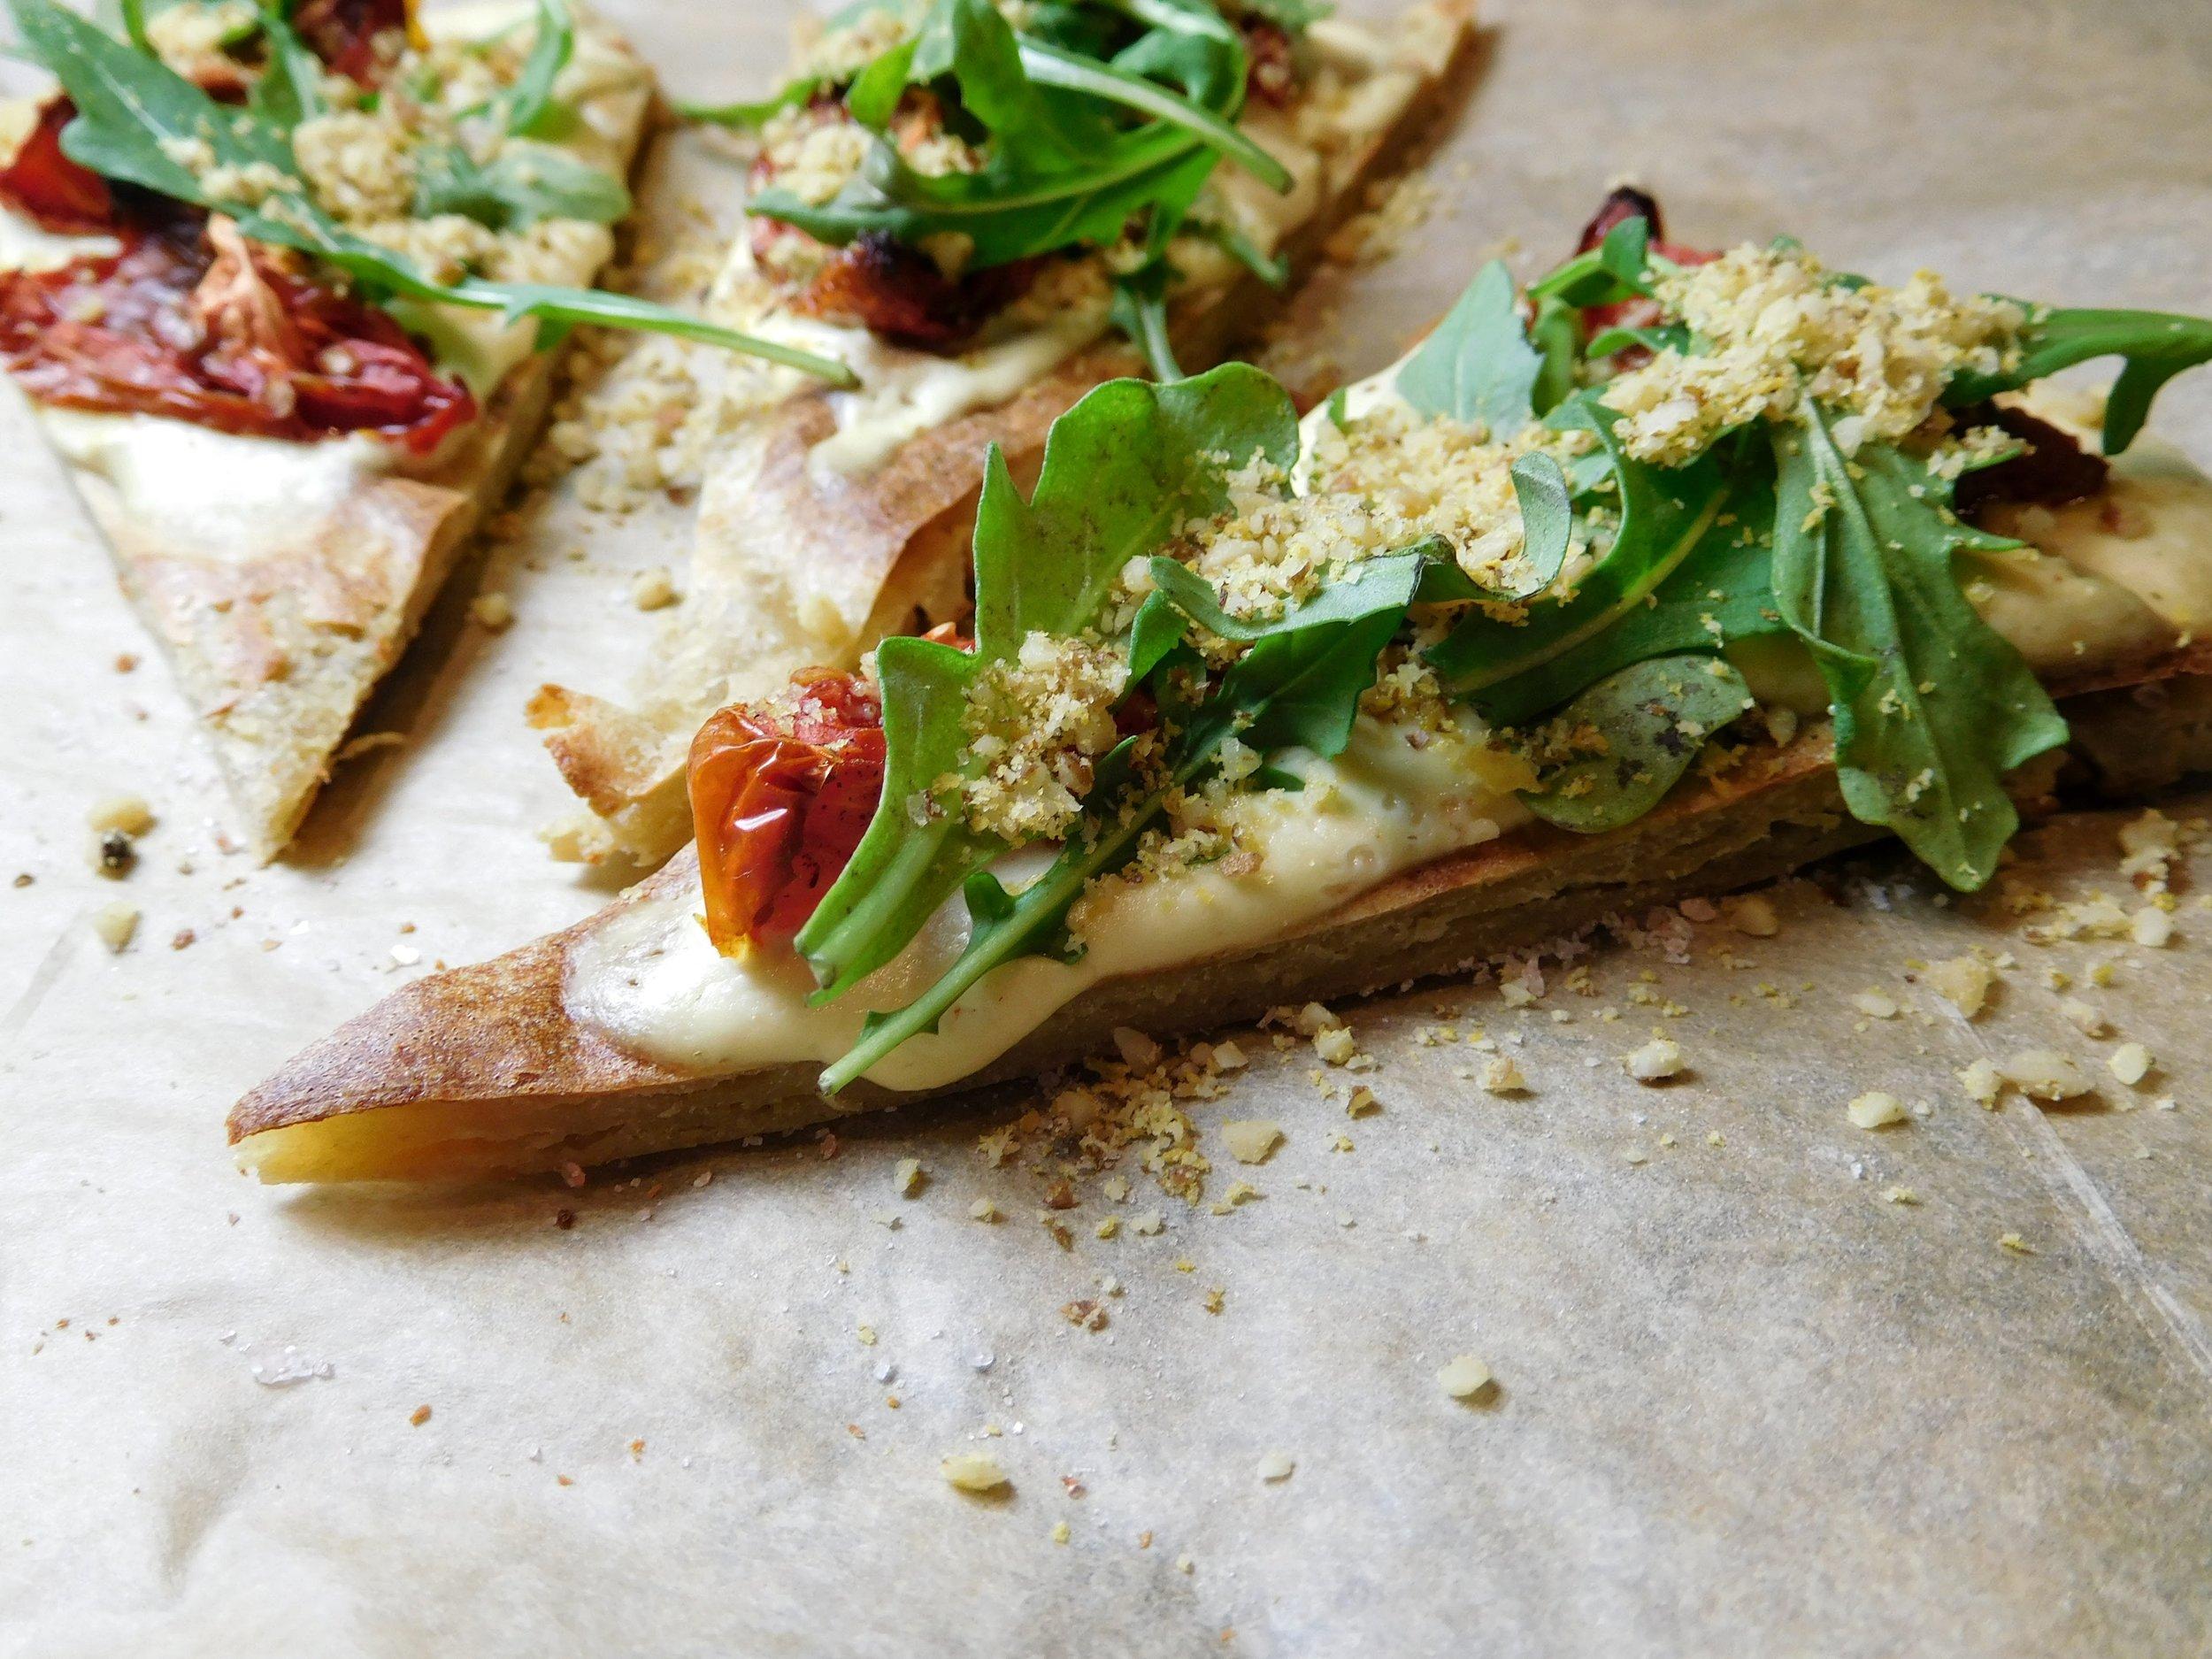 quinoa pizza side view.JPG